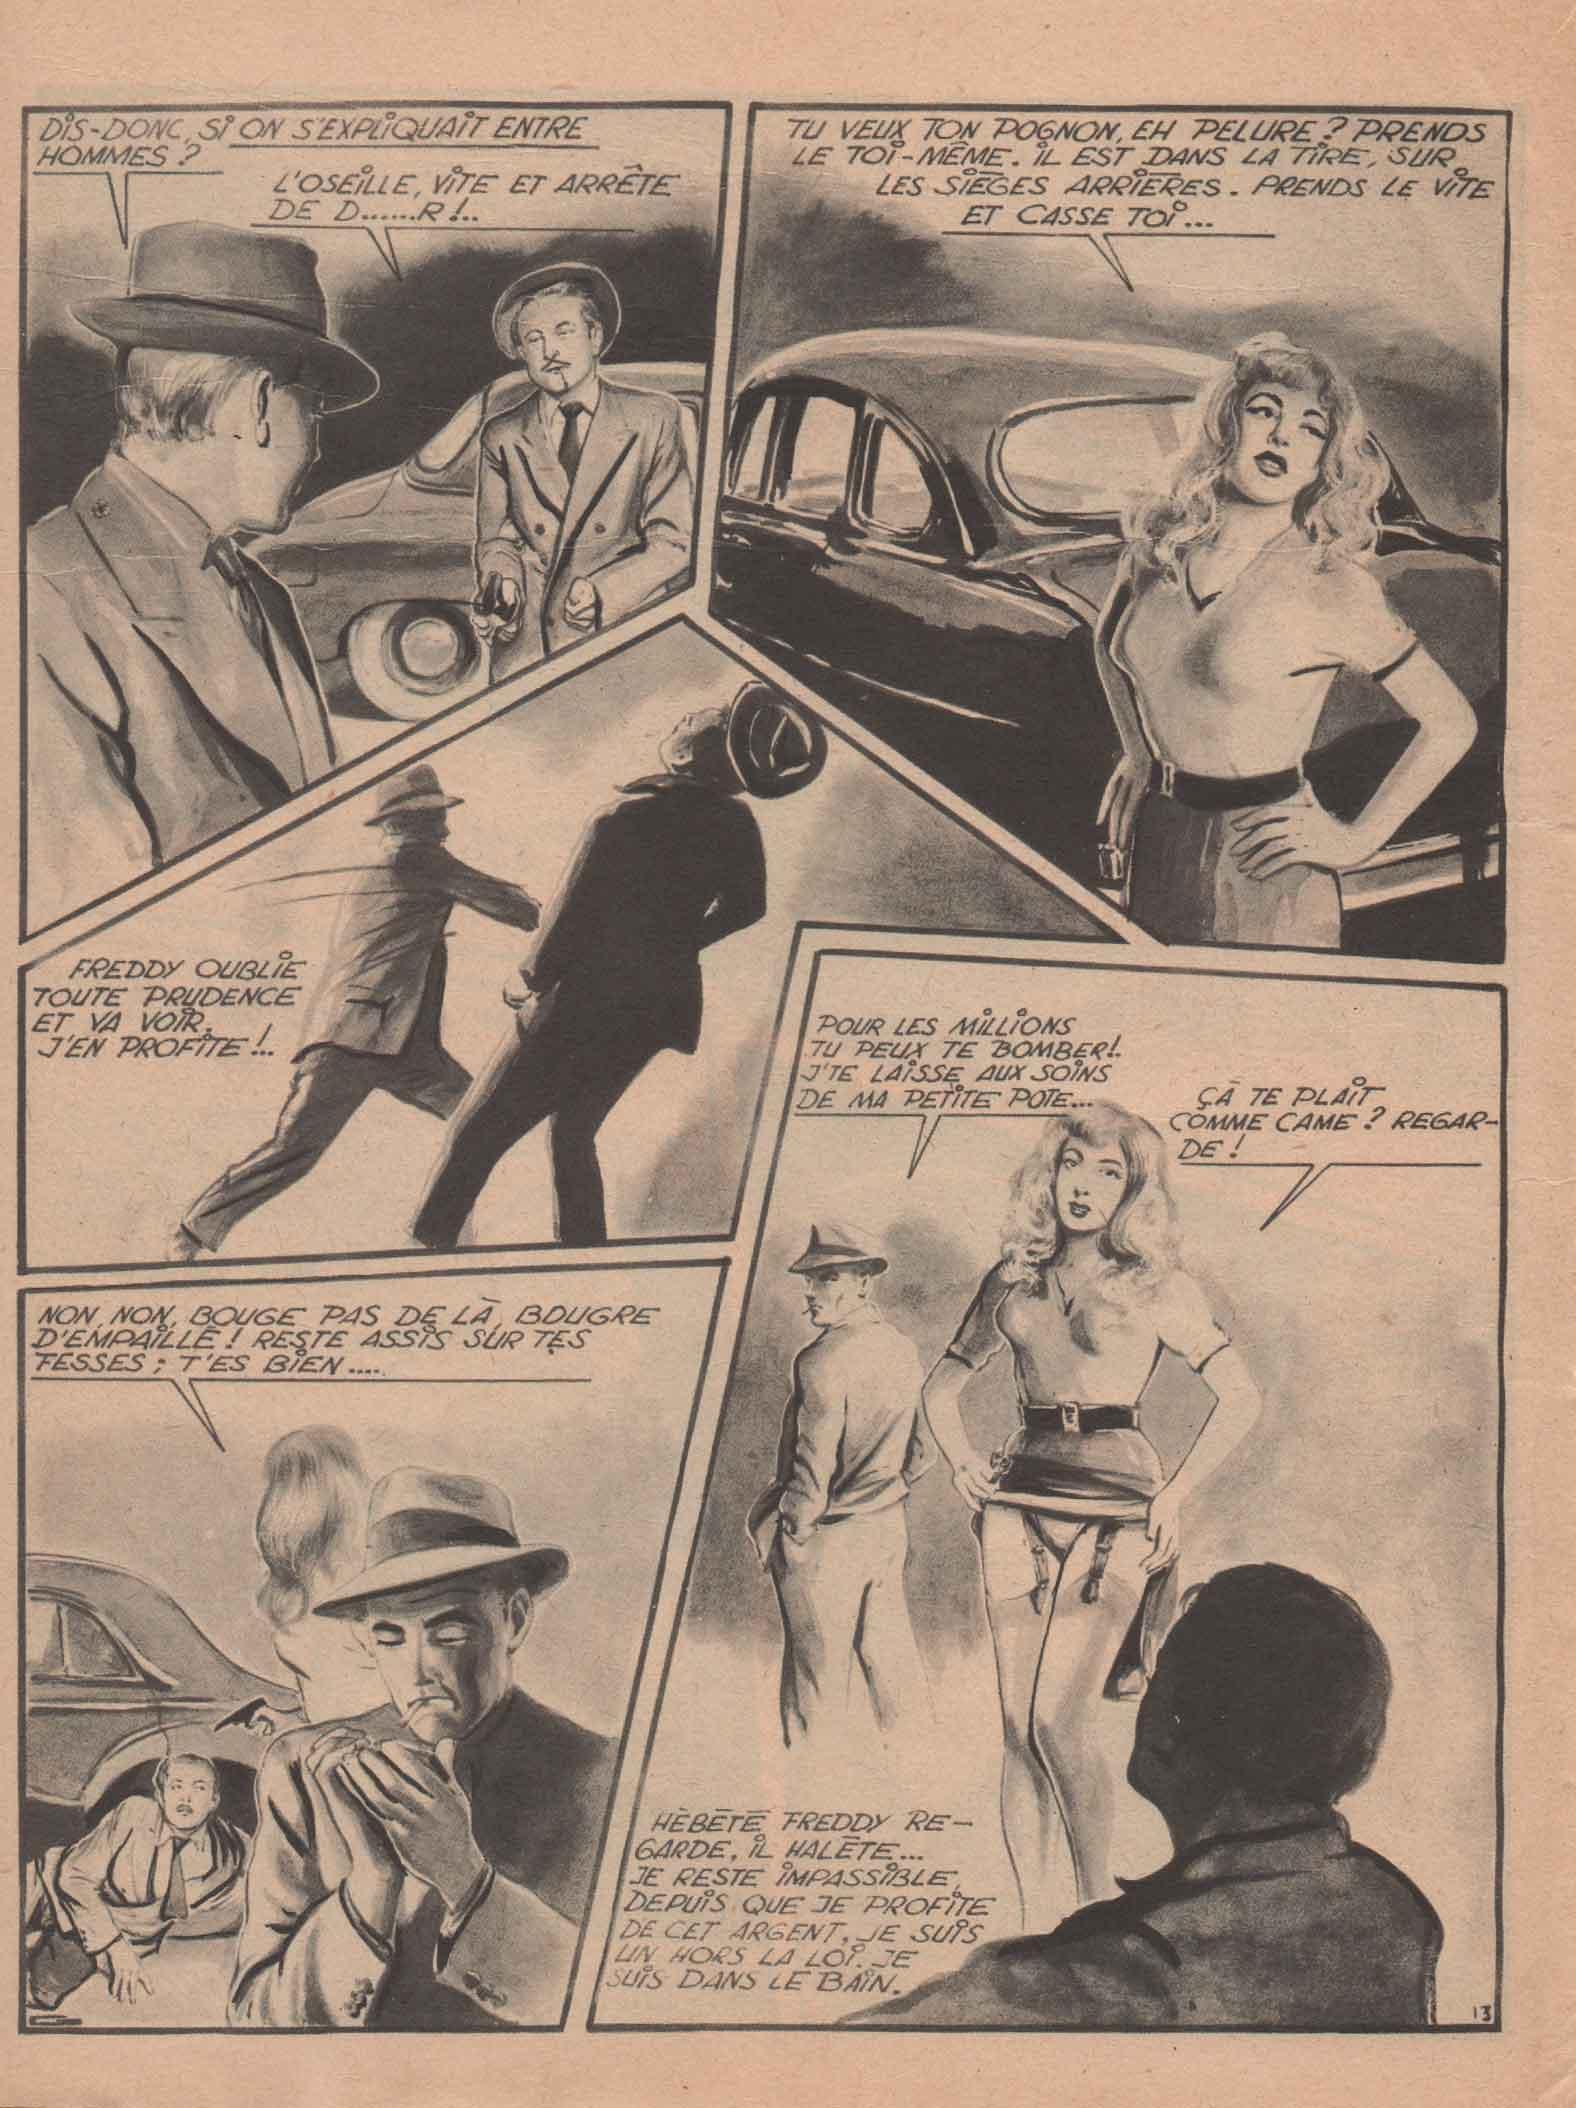 « Blankie joue et gagne » C'est un grand roman noir dessiné (2° trimestre 1953).